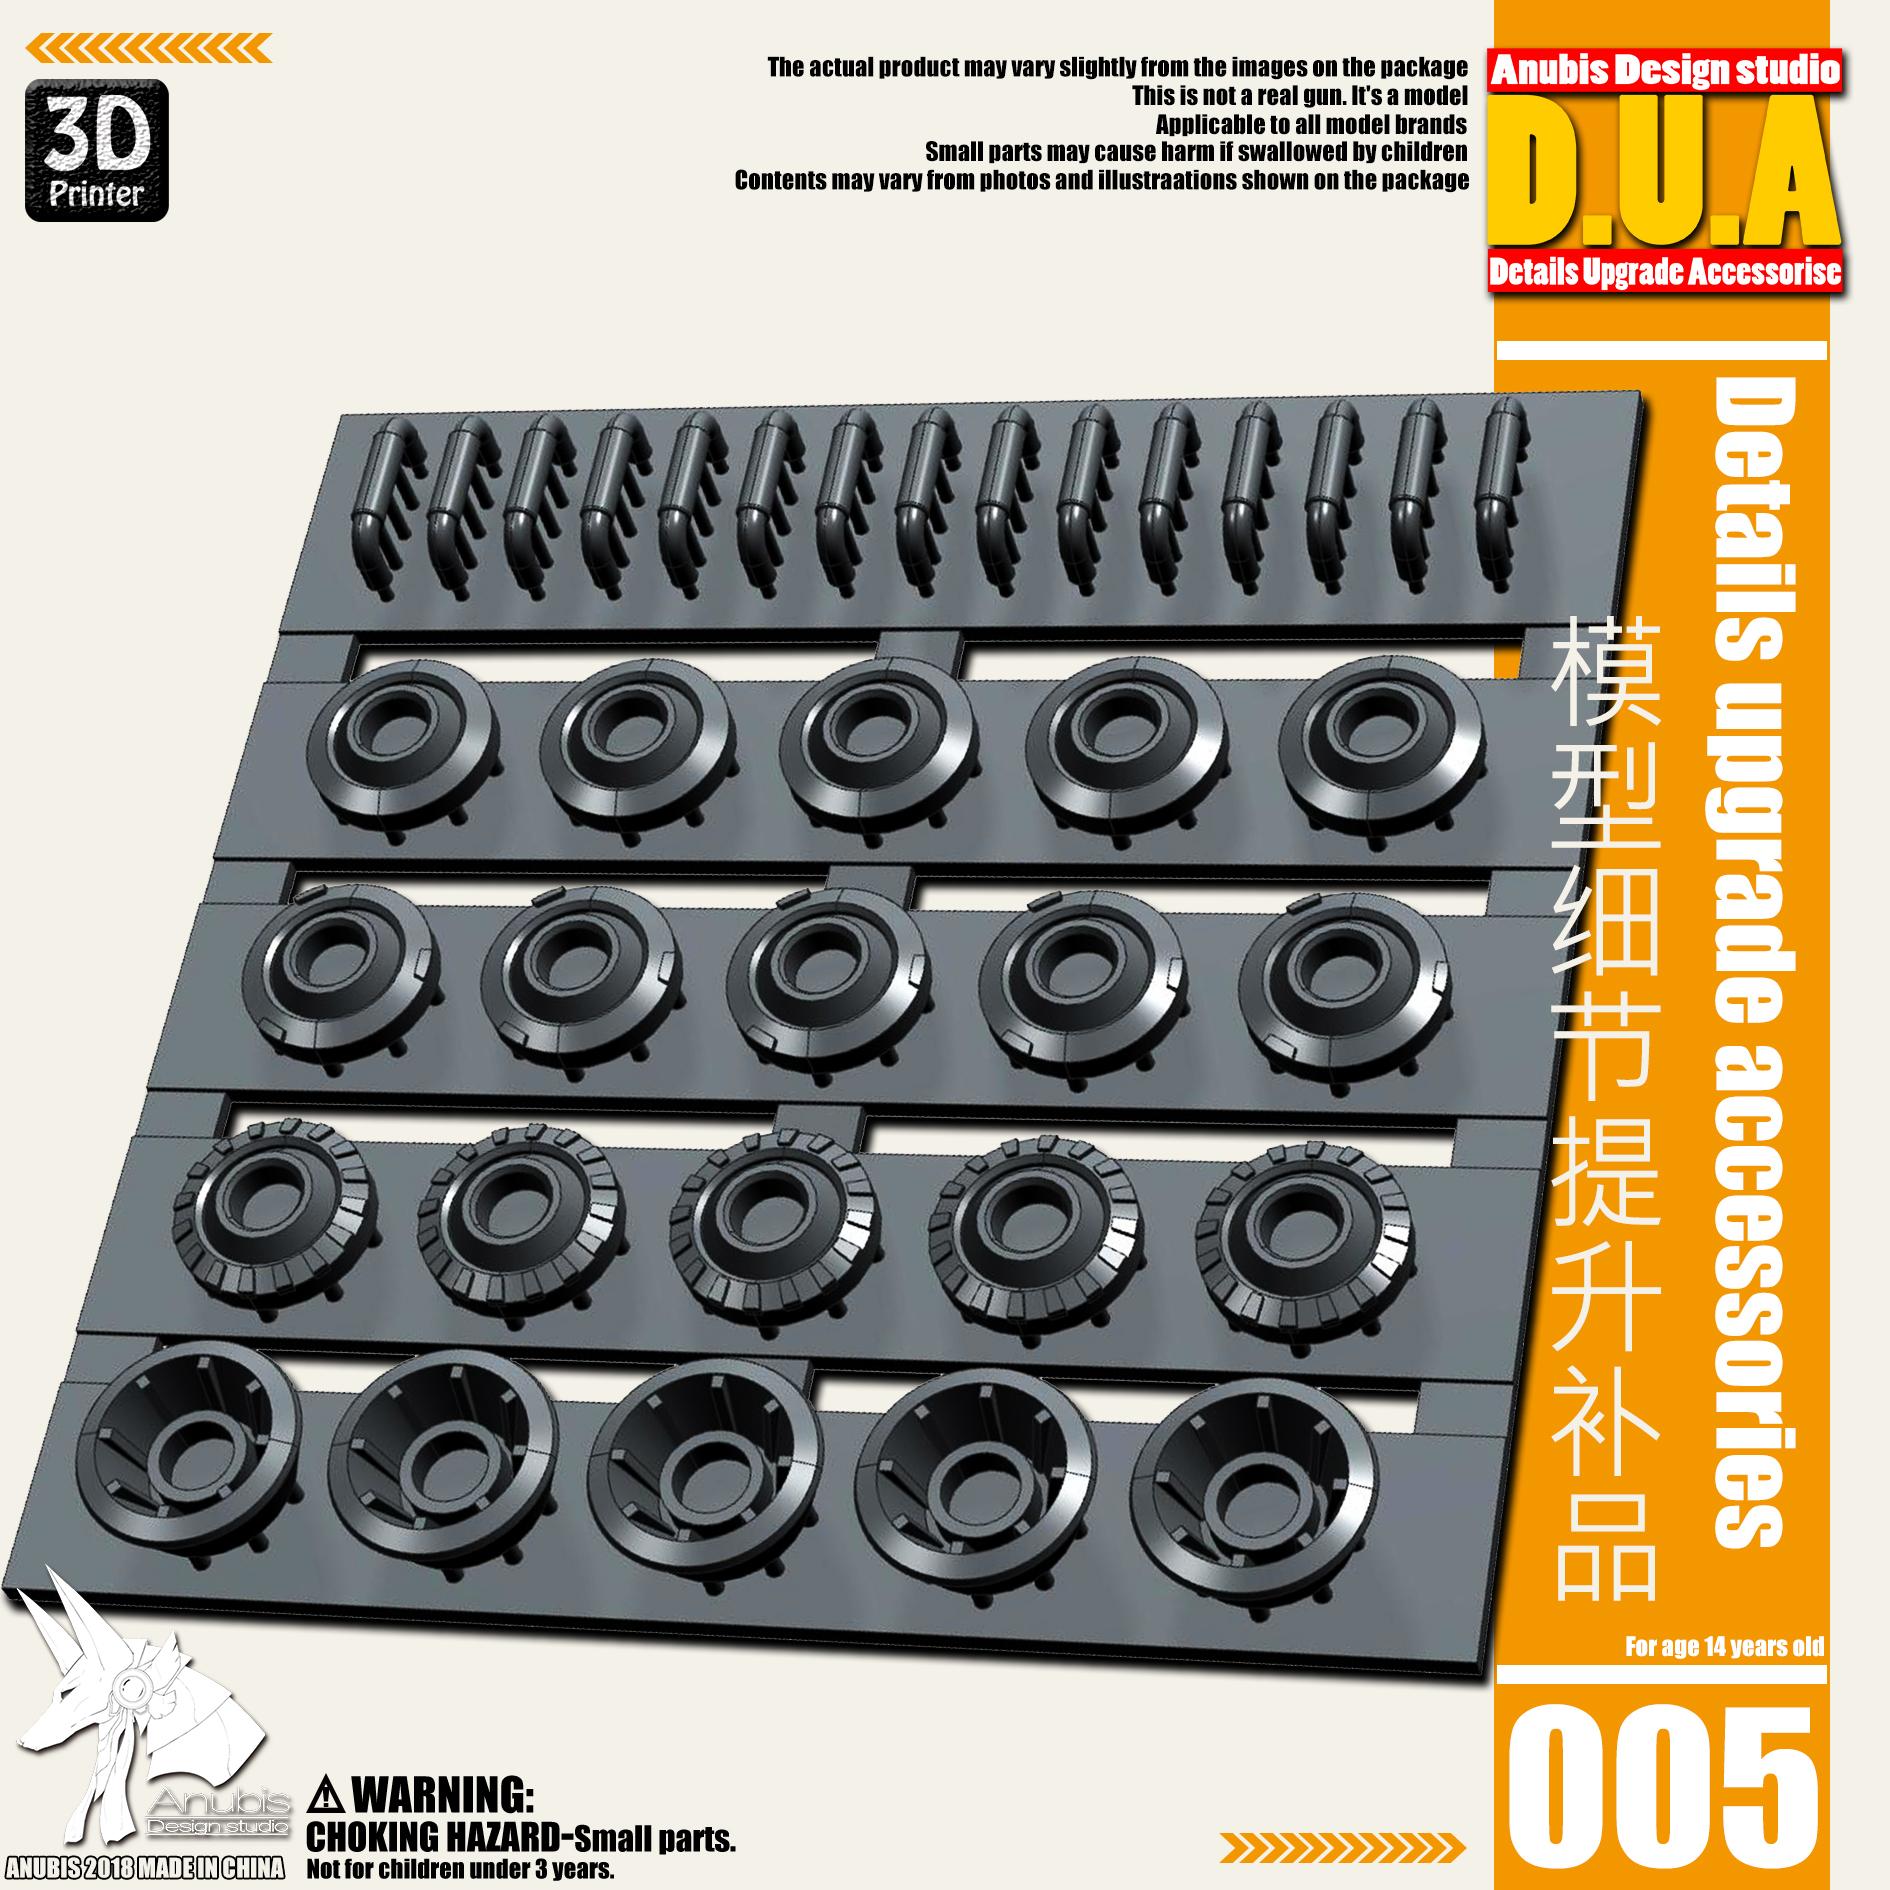 G413_DUA005_001.jpg